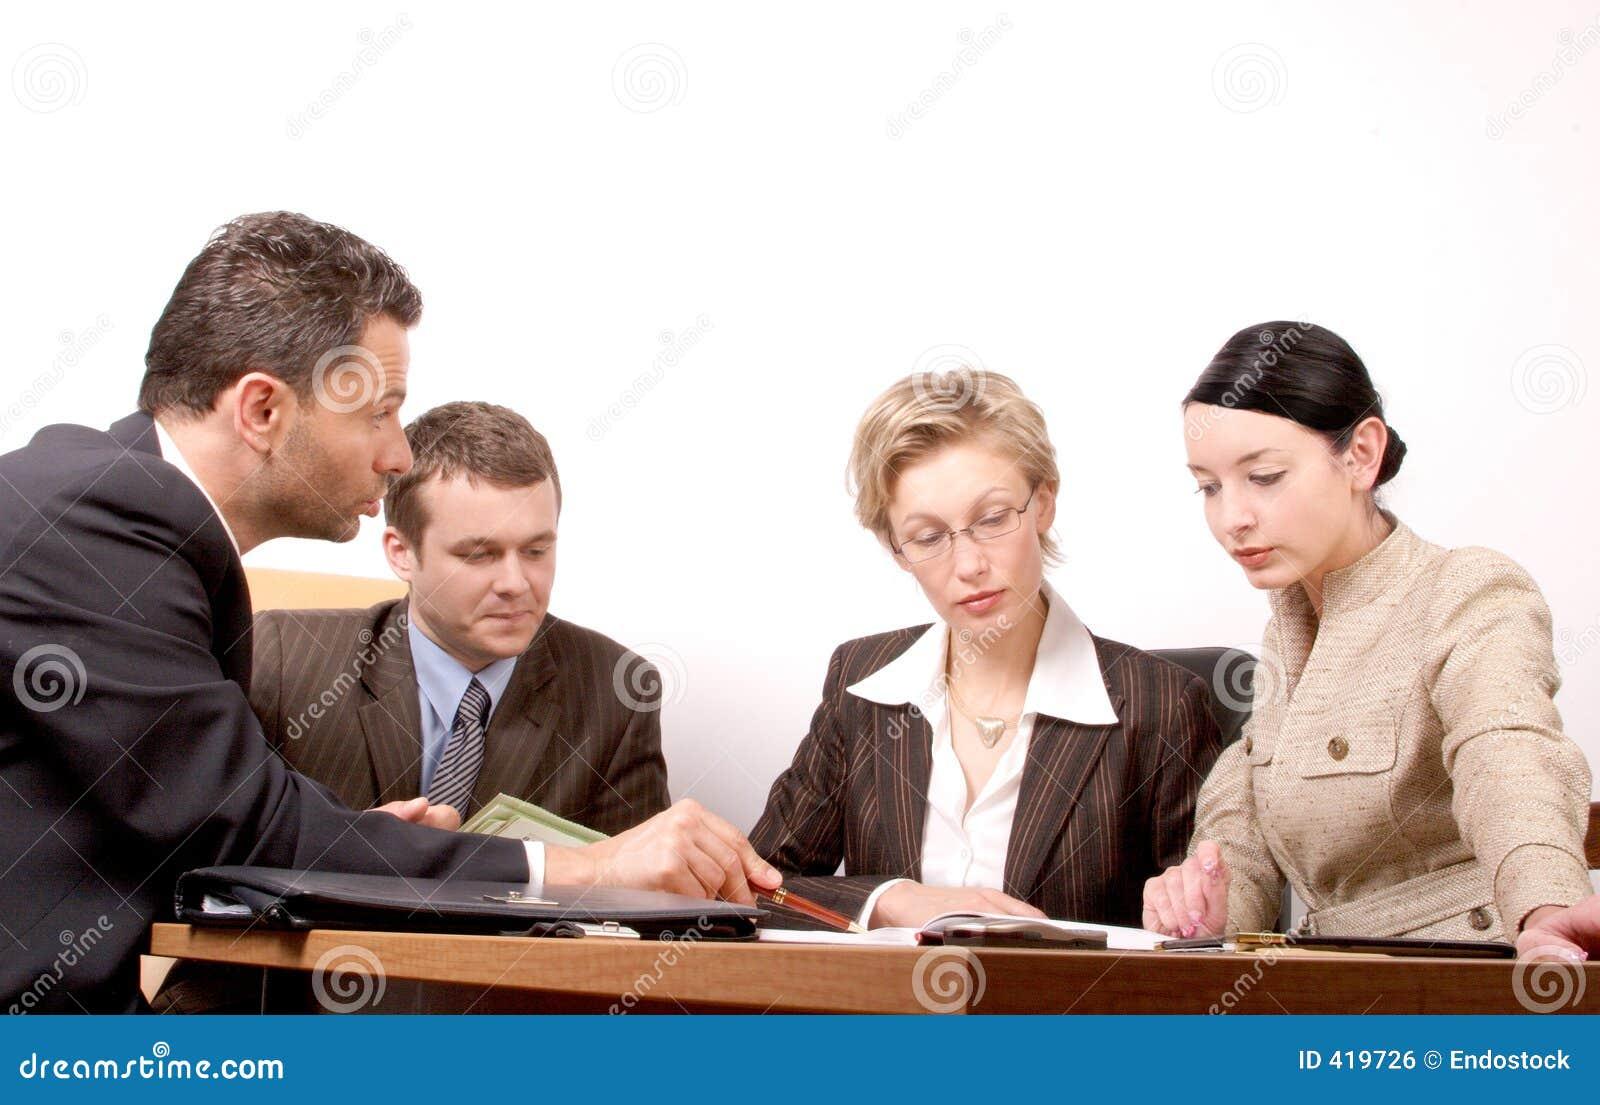 Una riunione di affari di 4 persone